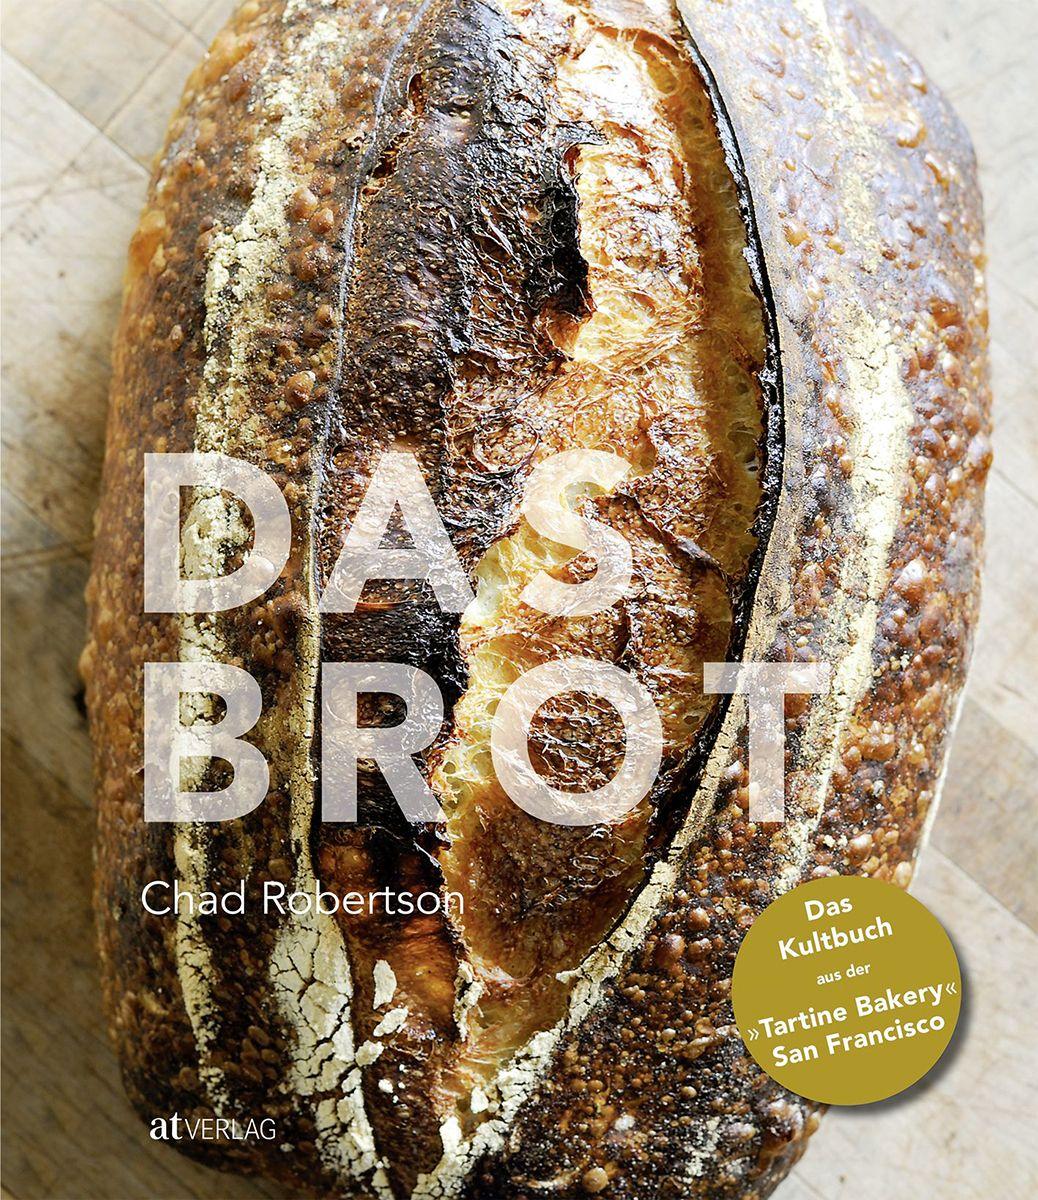 Backbuch von Chad Robertson: Das Brot | Backbuch ...  Backbuch von Ch...